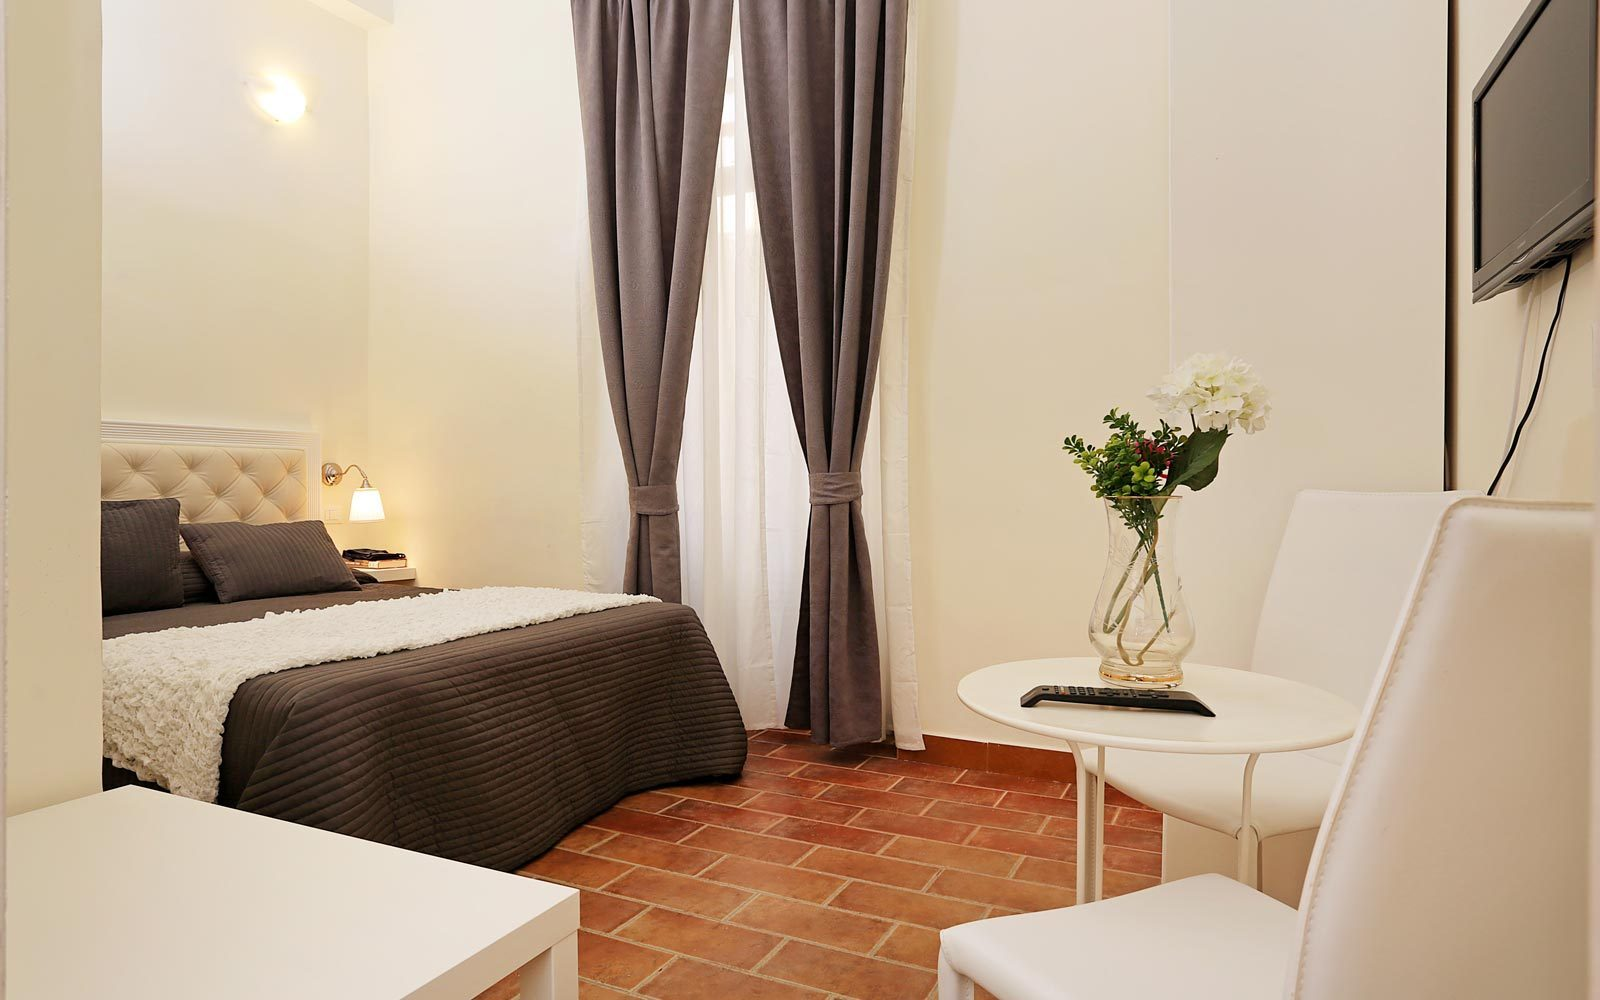 Appartamenti centro roma locanda al viminale for Appartamenti centro roma